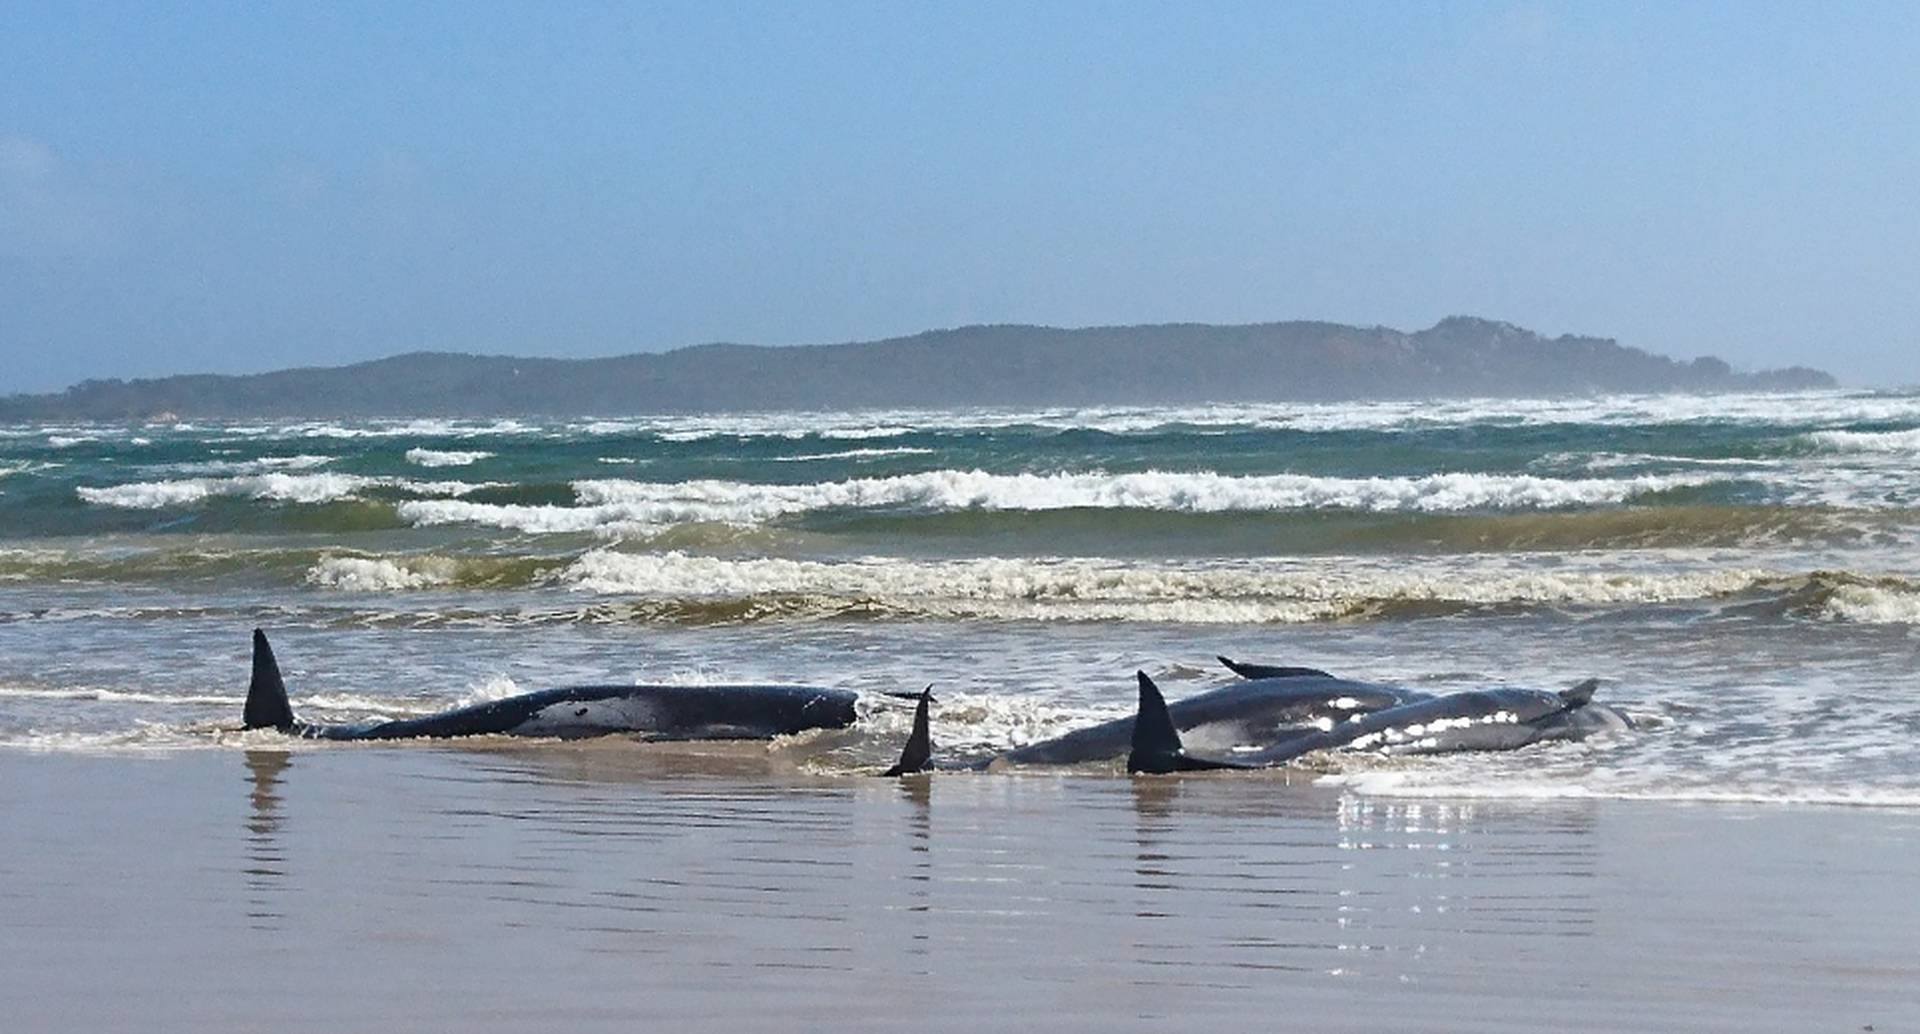 Centenares de ballenas quedaron varadas en un banco de arena en el puerto de Macquarie, en la escarpada costa oeste de Tasmania (Australia).